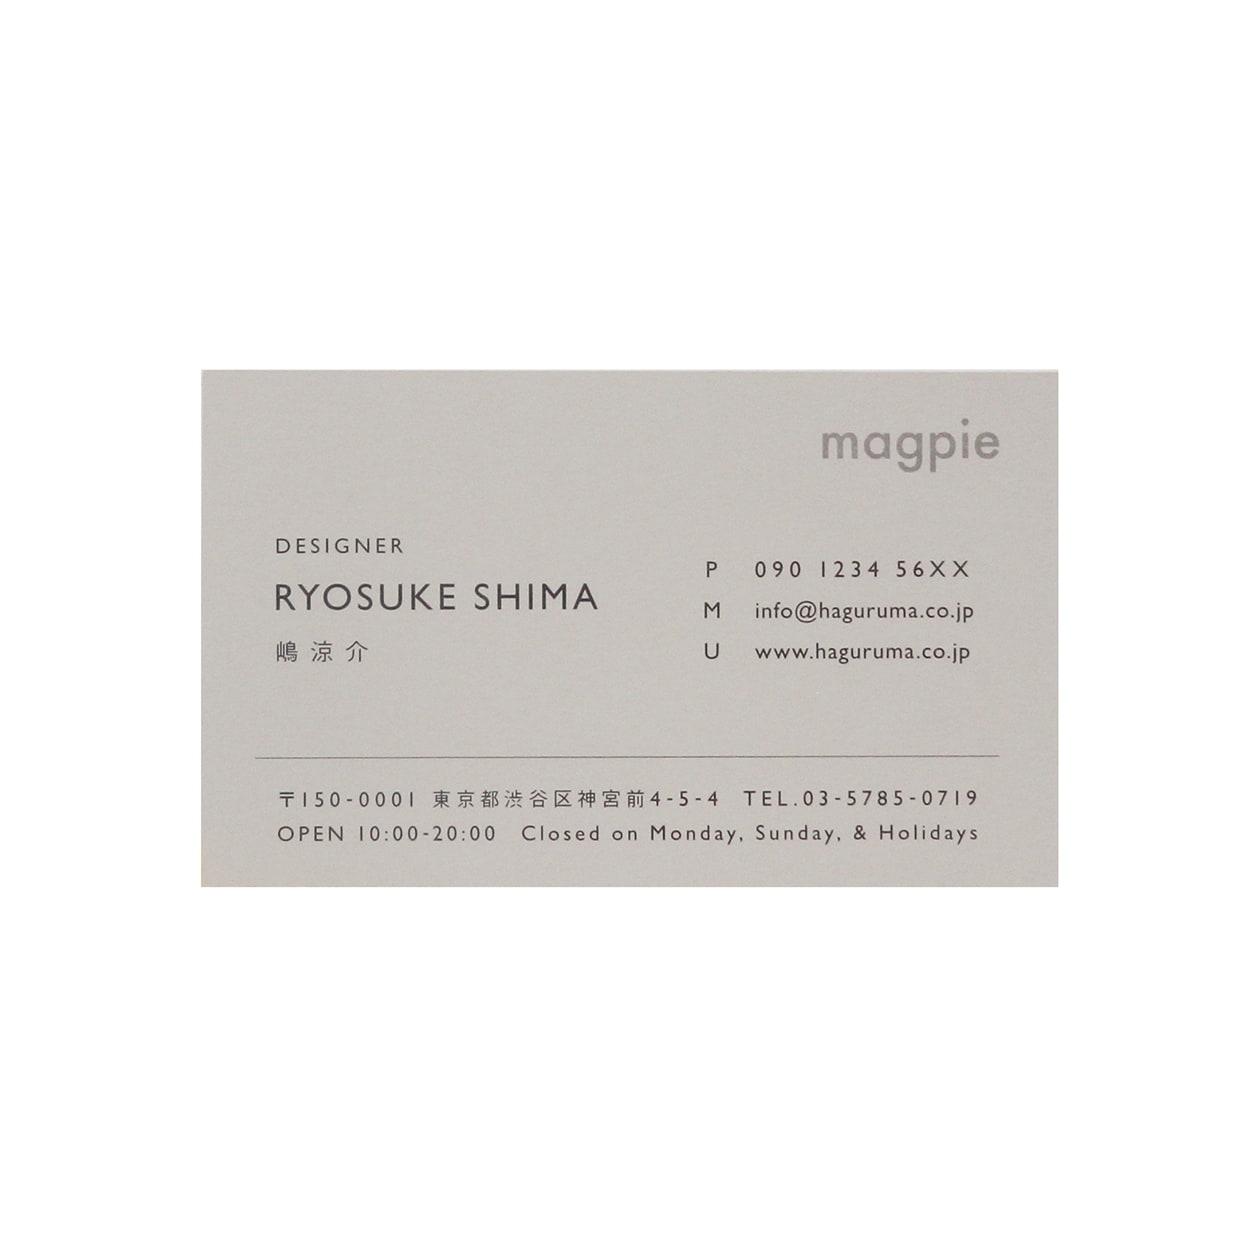 サンプル カード・シート 00349